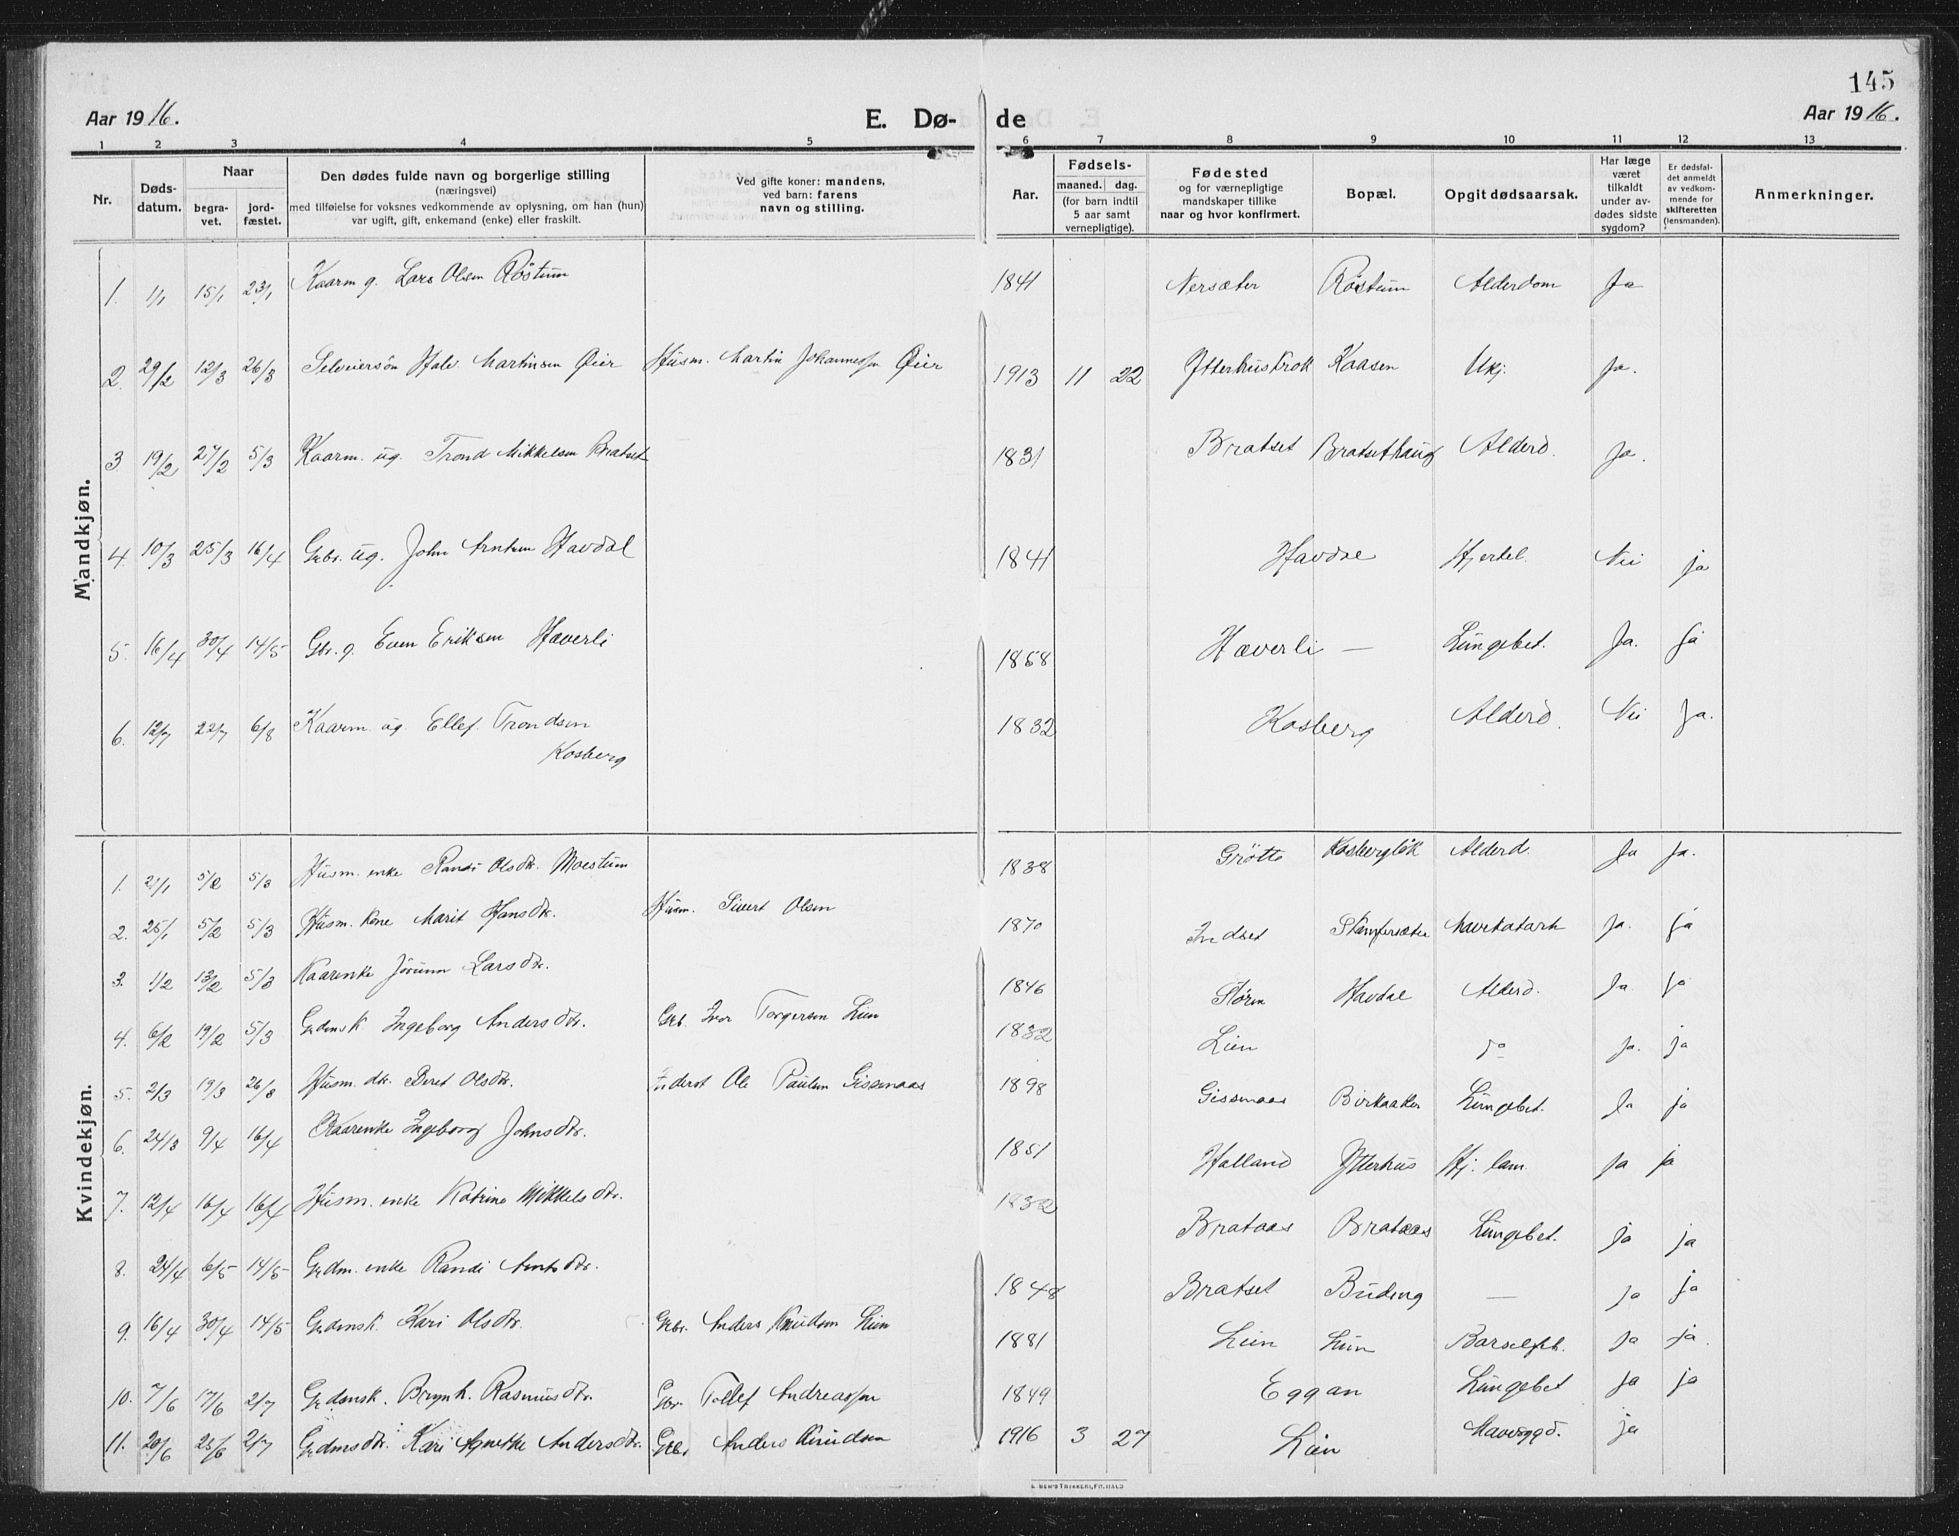 SAT, Ministerialprotokoller, klokkerbøker og fødselsregistre - Sør-Trøndelag, 675/L0888: Klokkerbok nr. 675C01, 1913-1935, s. 145